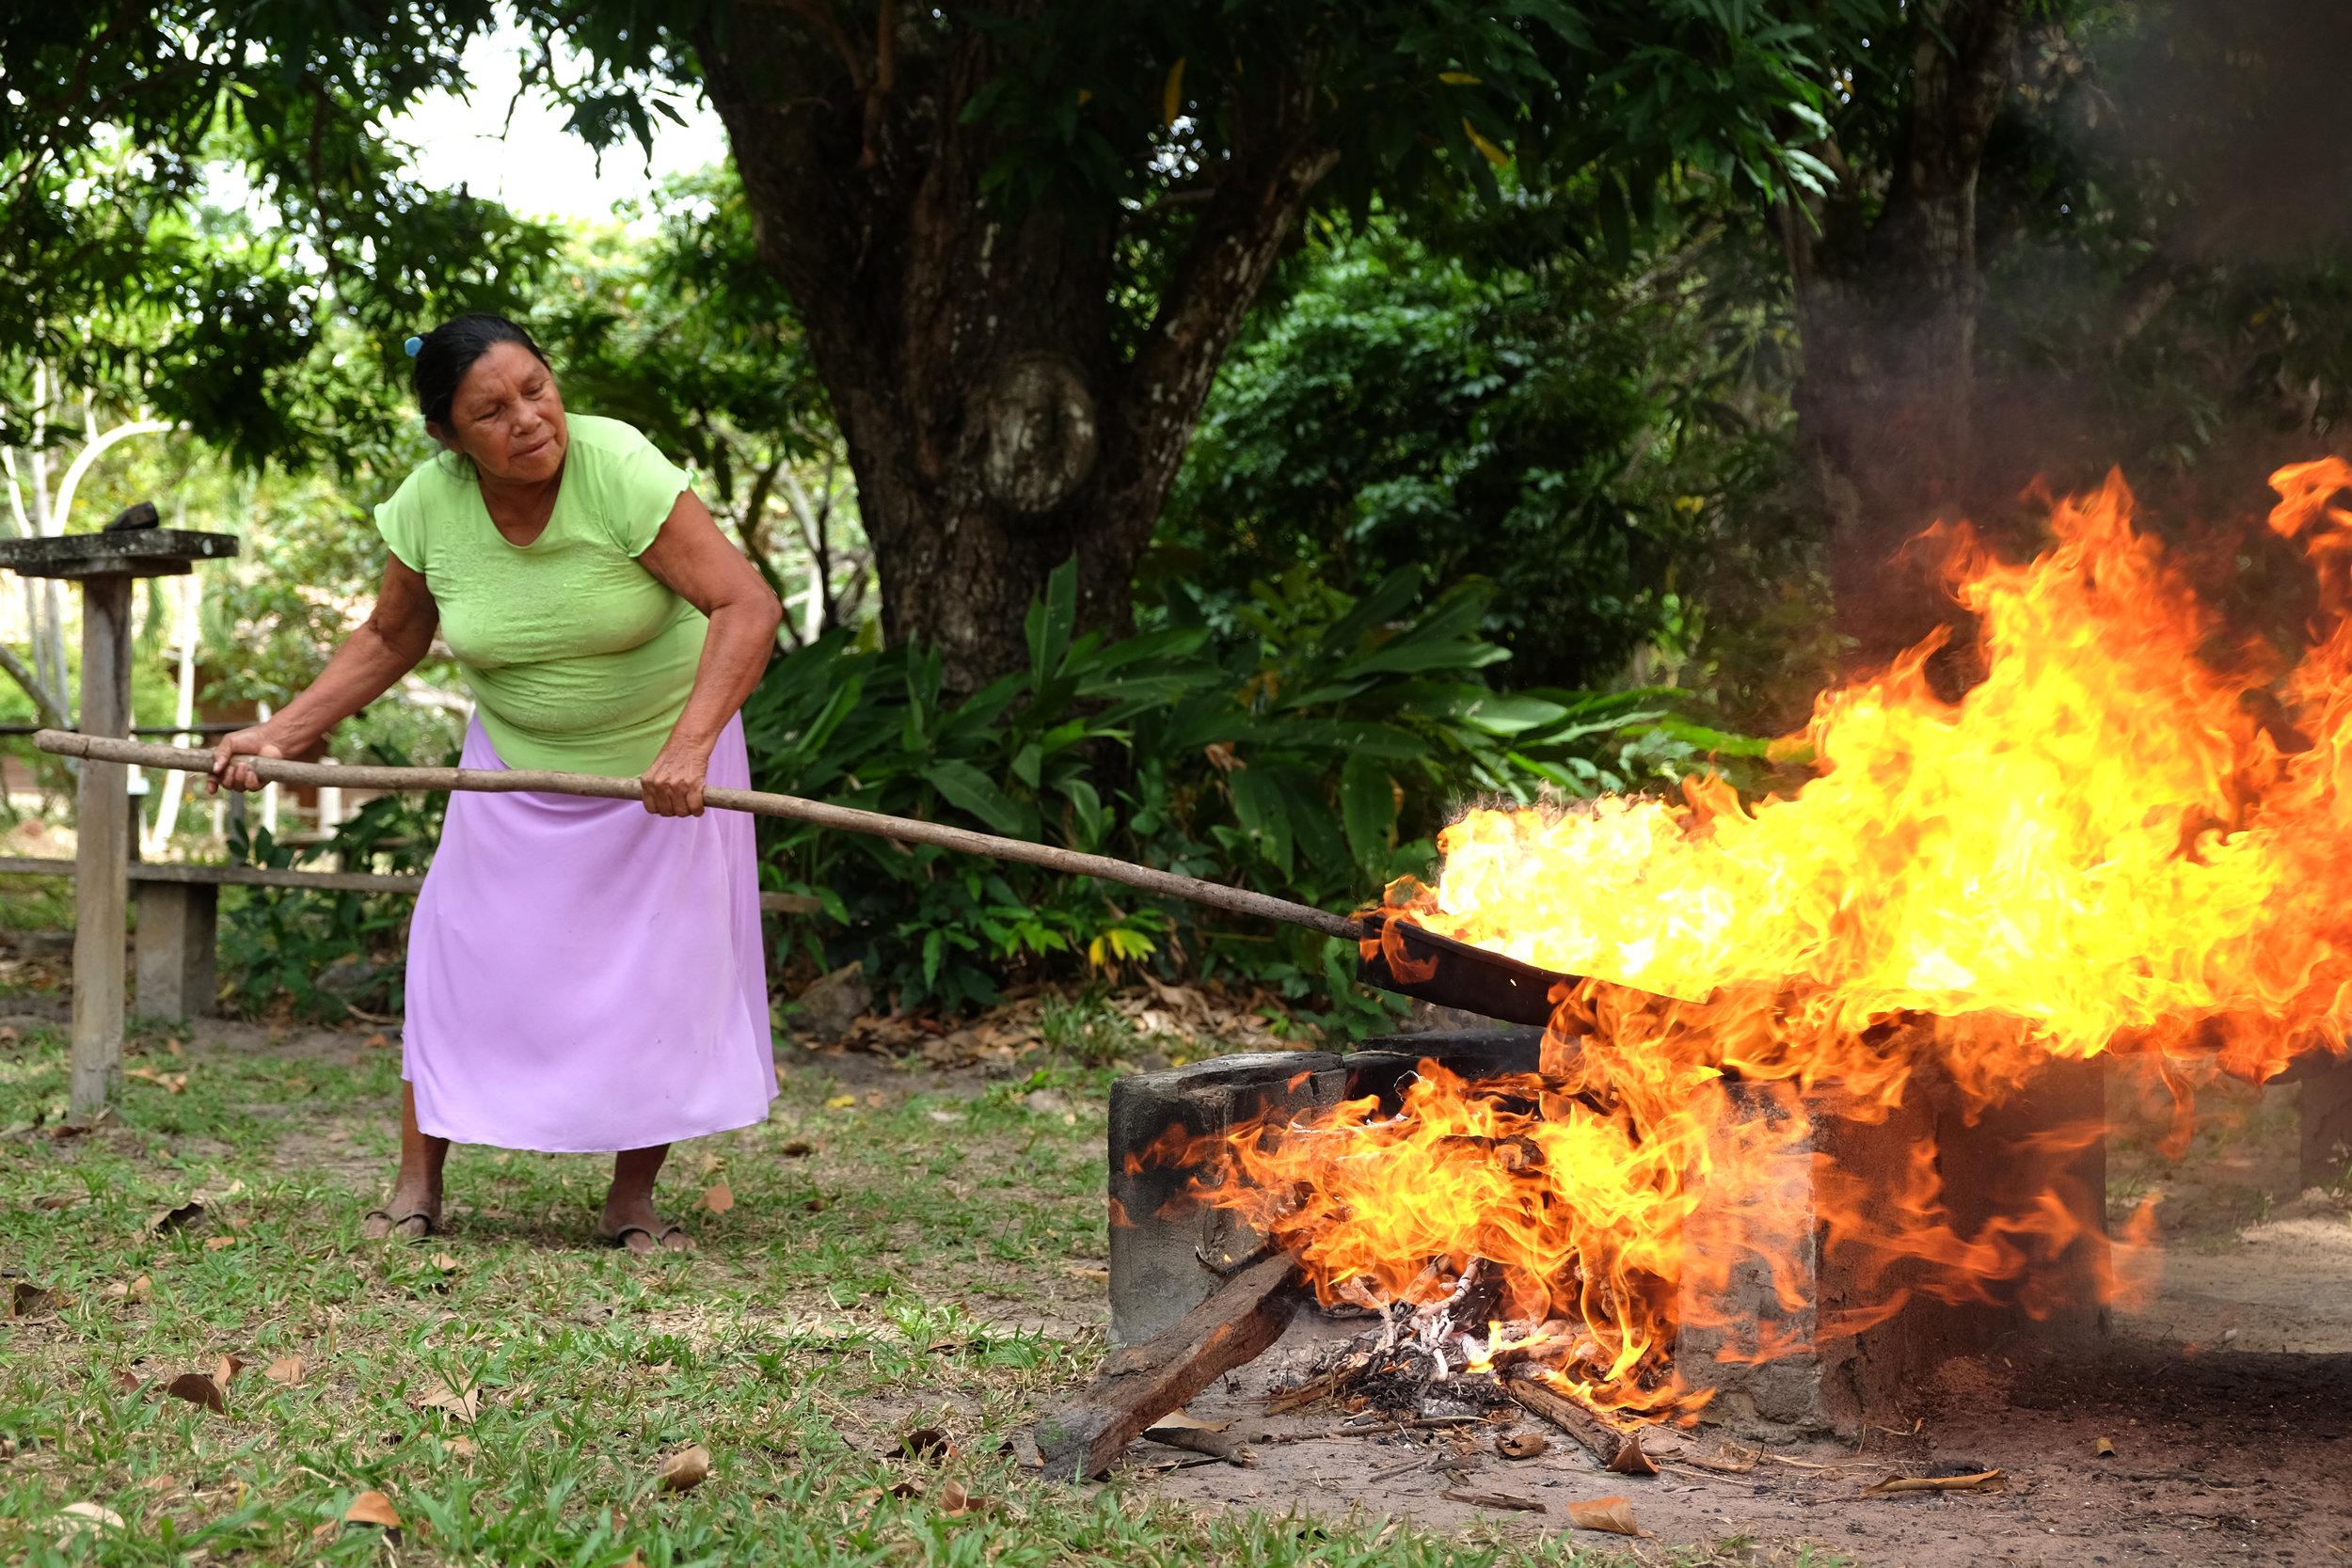 🎵 CASHEWS ROASTING ON AN OPEN FIRE 🎶